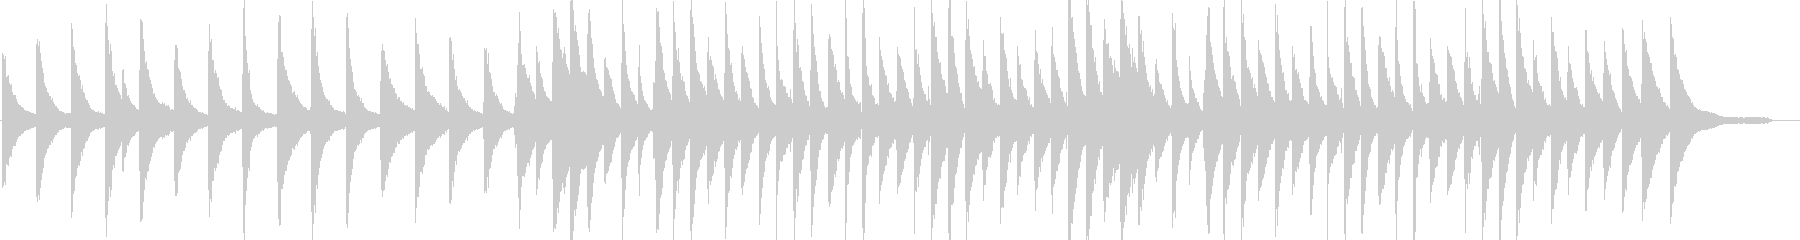 リラックス・ジャズ・映像・イベント用の未再生の波形